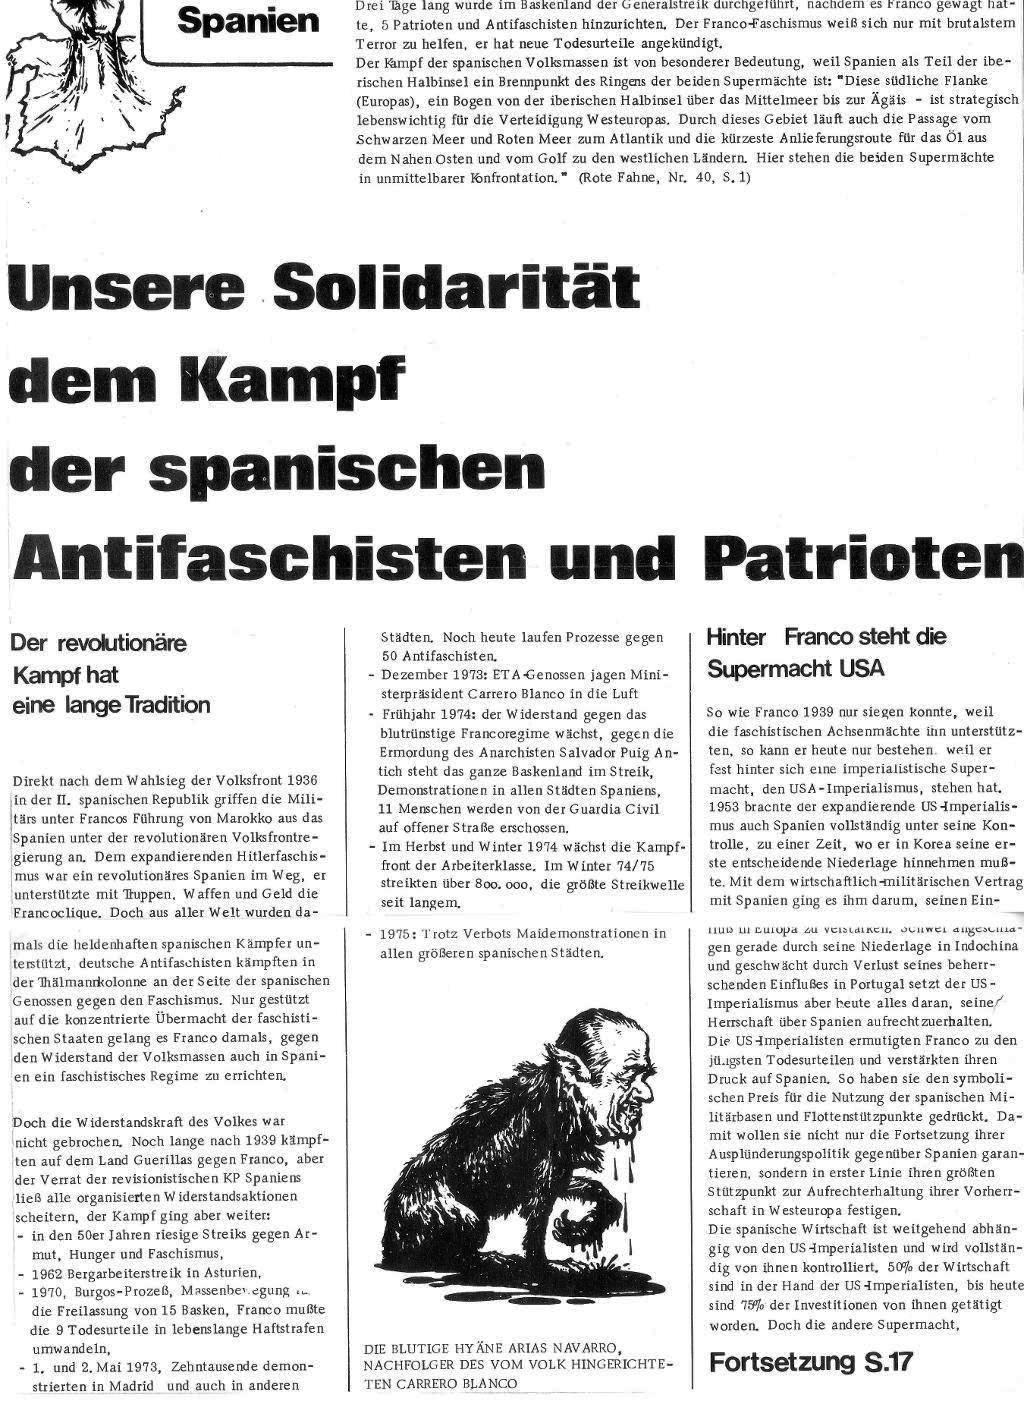 Massenstreiks in Spanien, aus: DVD 14/75 vom 15. Oktober 1975, Seite 3